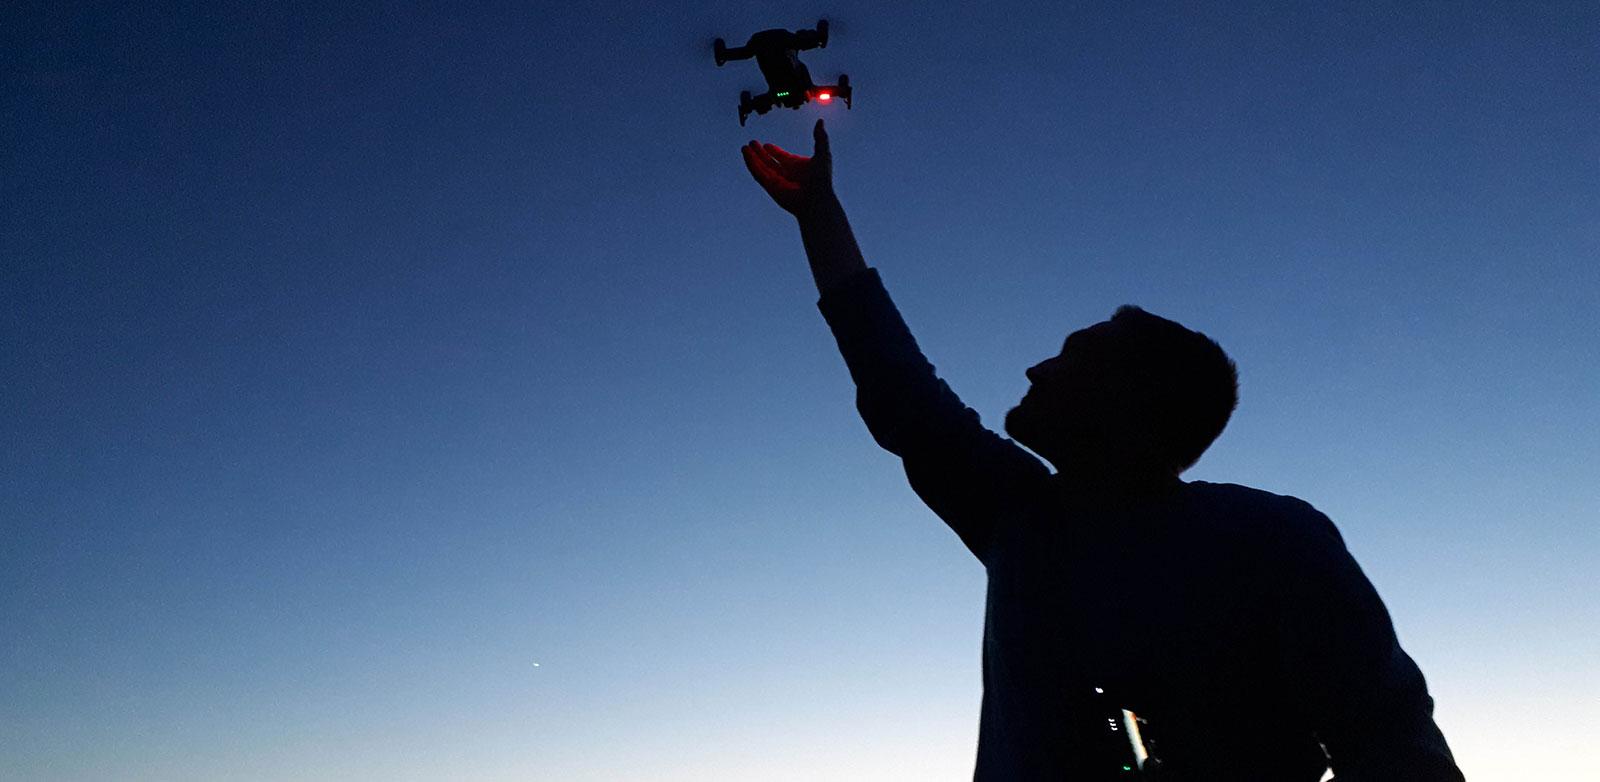 Drohnen: Was Sie für jeden Start unbedingt brauchen